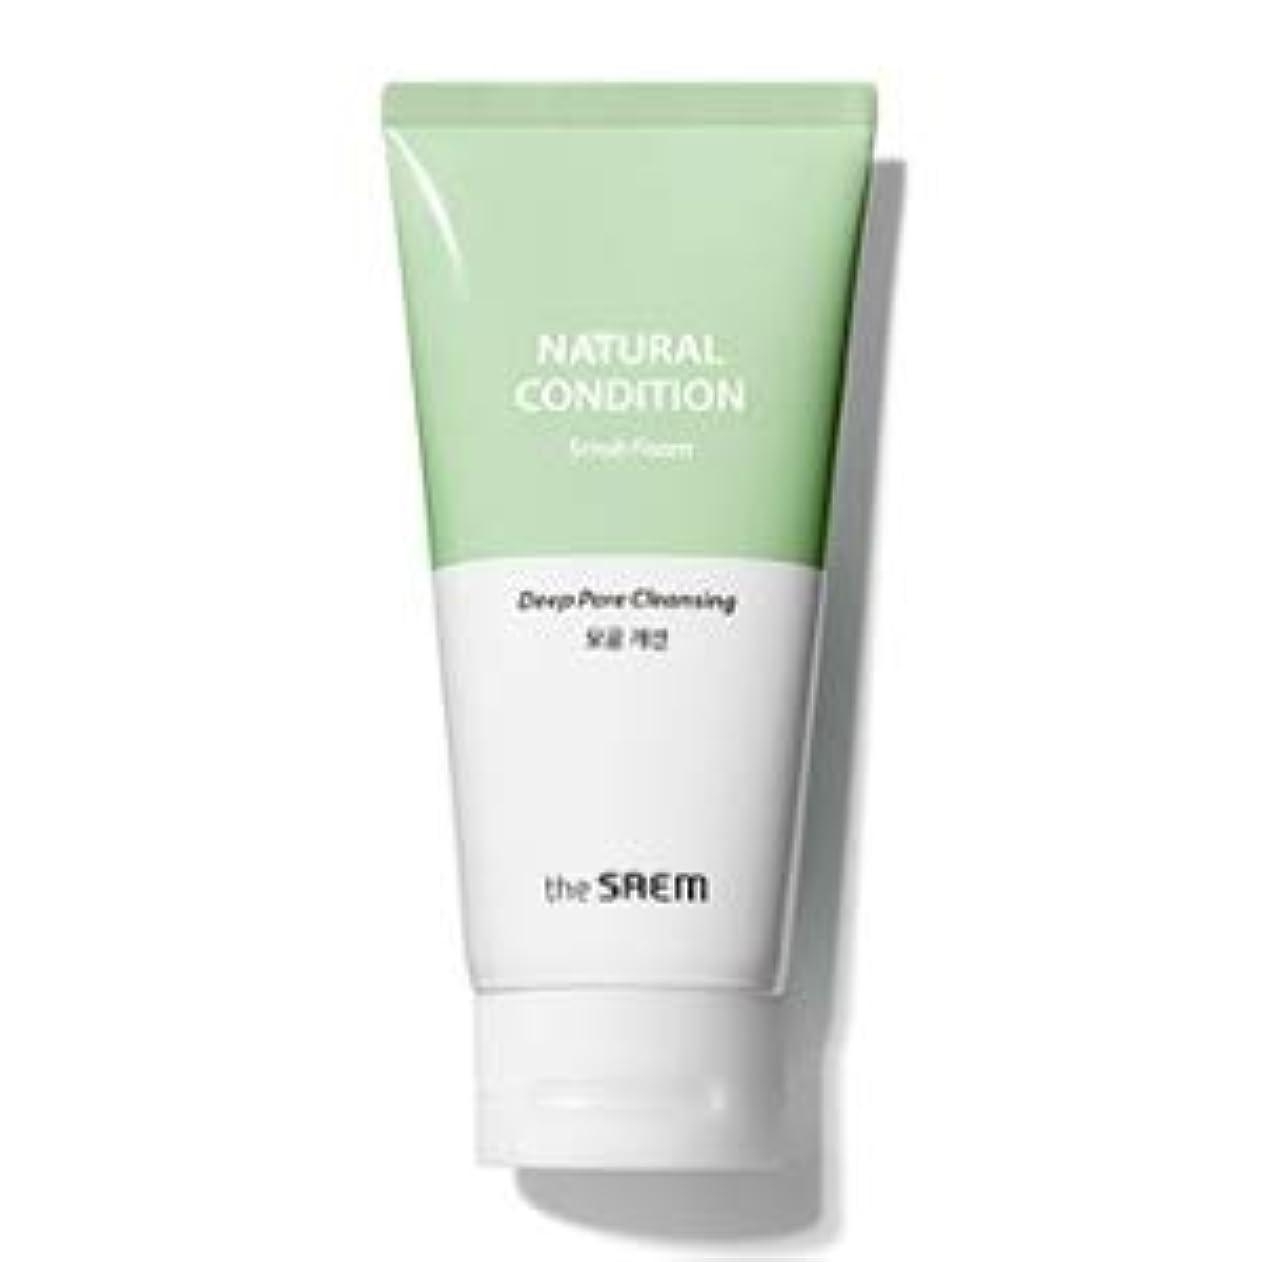 ストライプ浸す覚醒The Saem Natural Condition Scrub Foam [Deep pore cleansing] (R)/ ザセム ナチュラルコンディションスクラブフォーム[毛穴改善] (R) [並行輸入品]